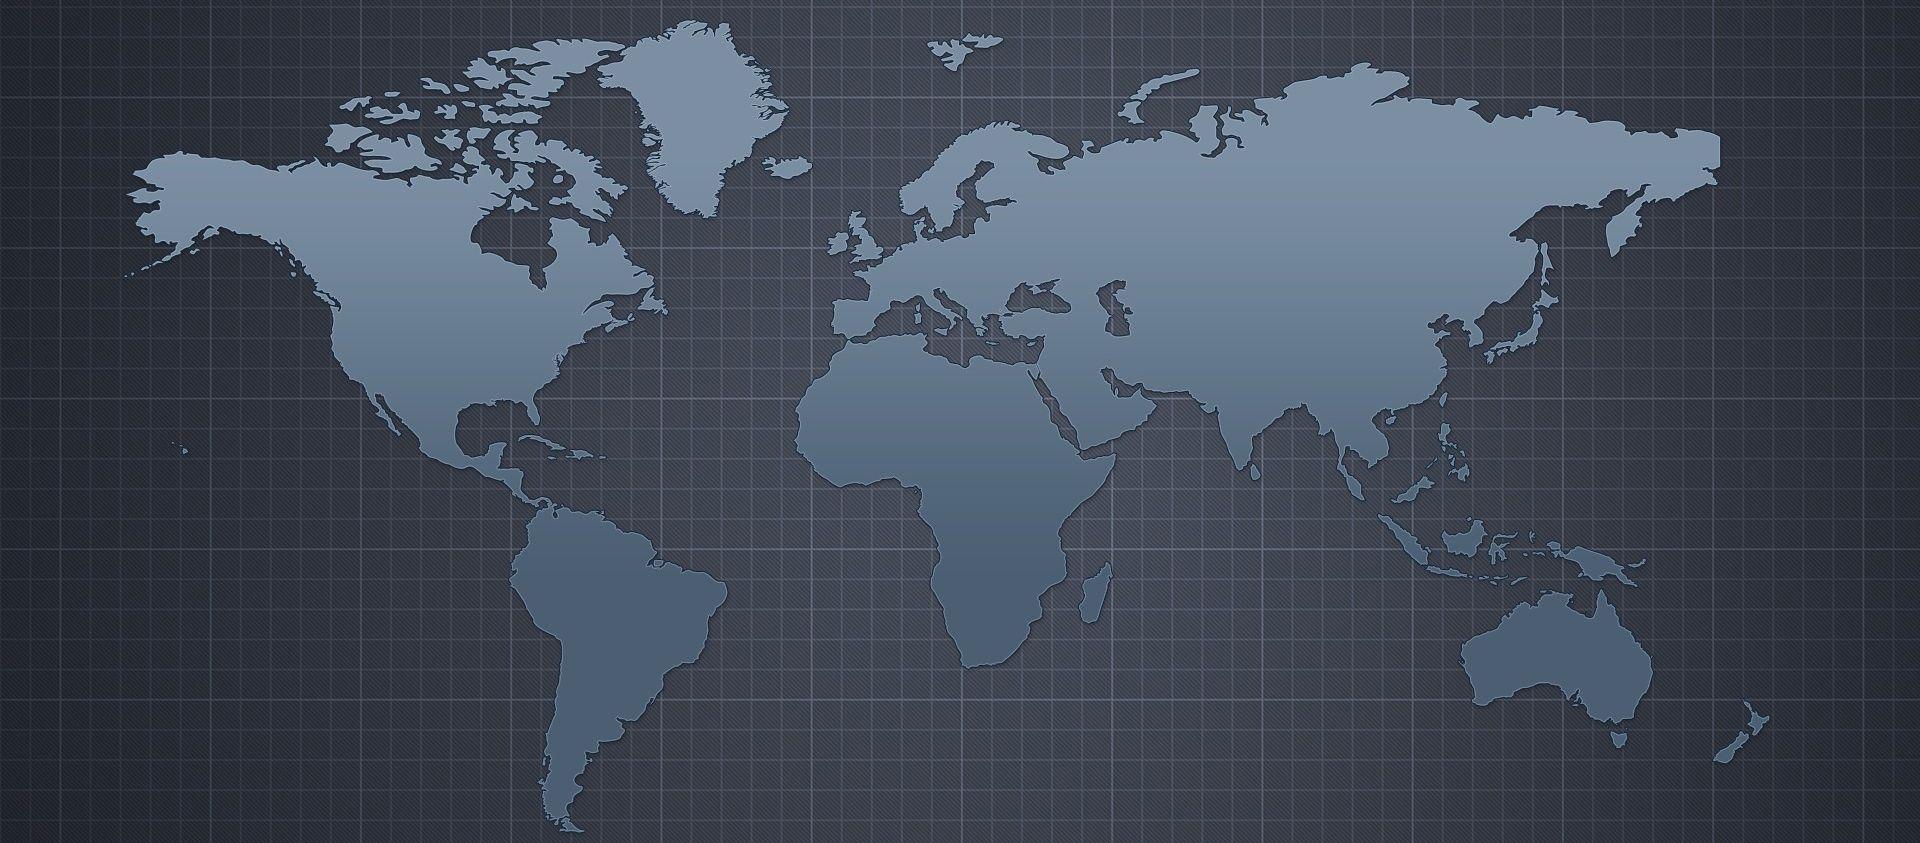 World map website design World map website